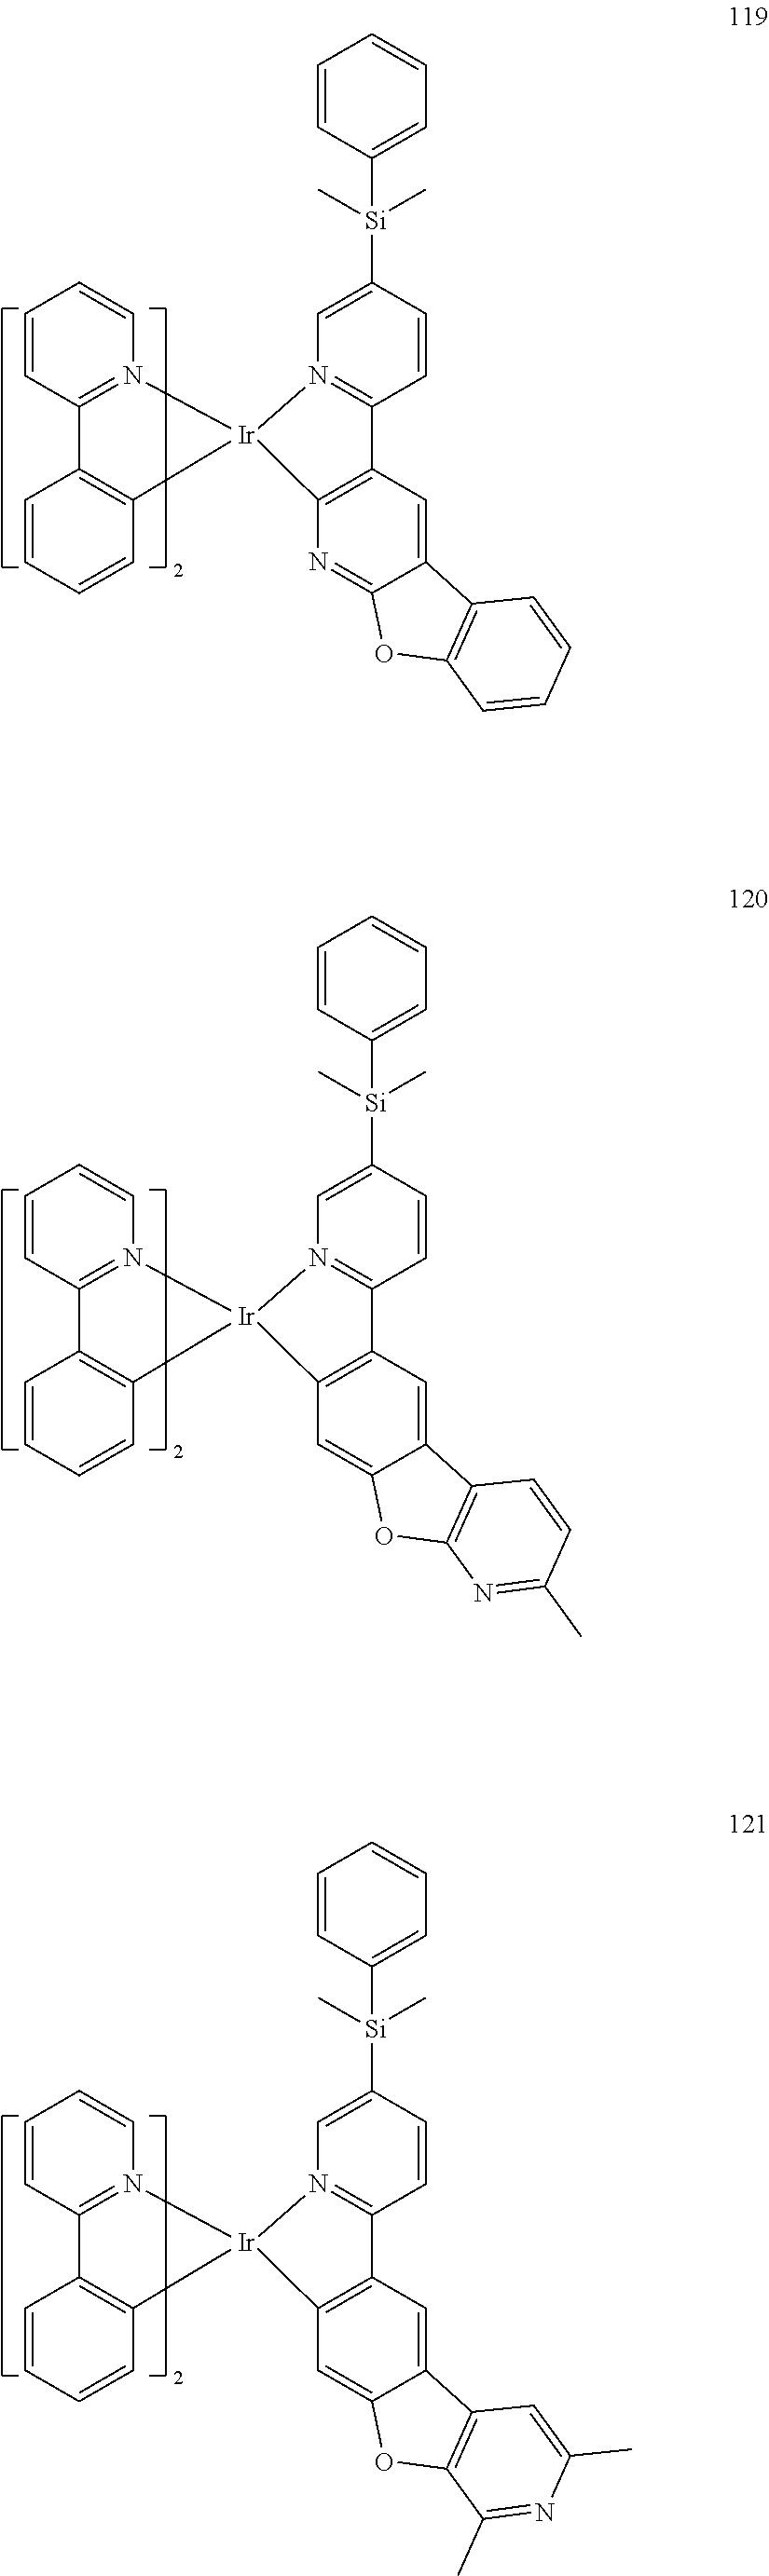 Figure US20160155962A1-20160602-C00094